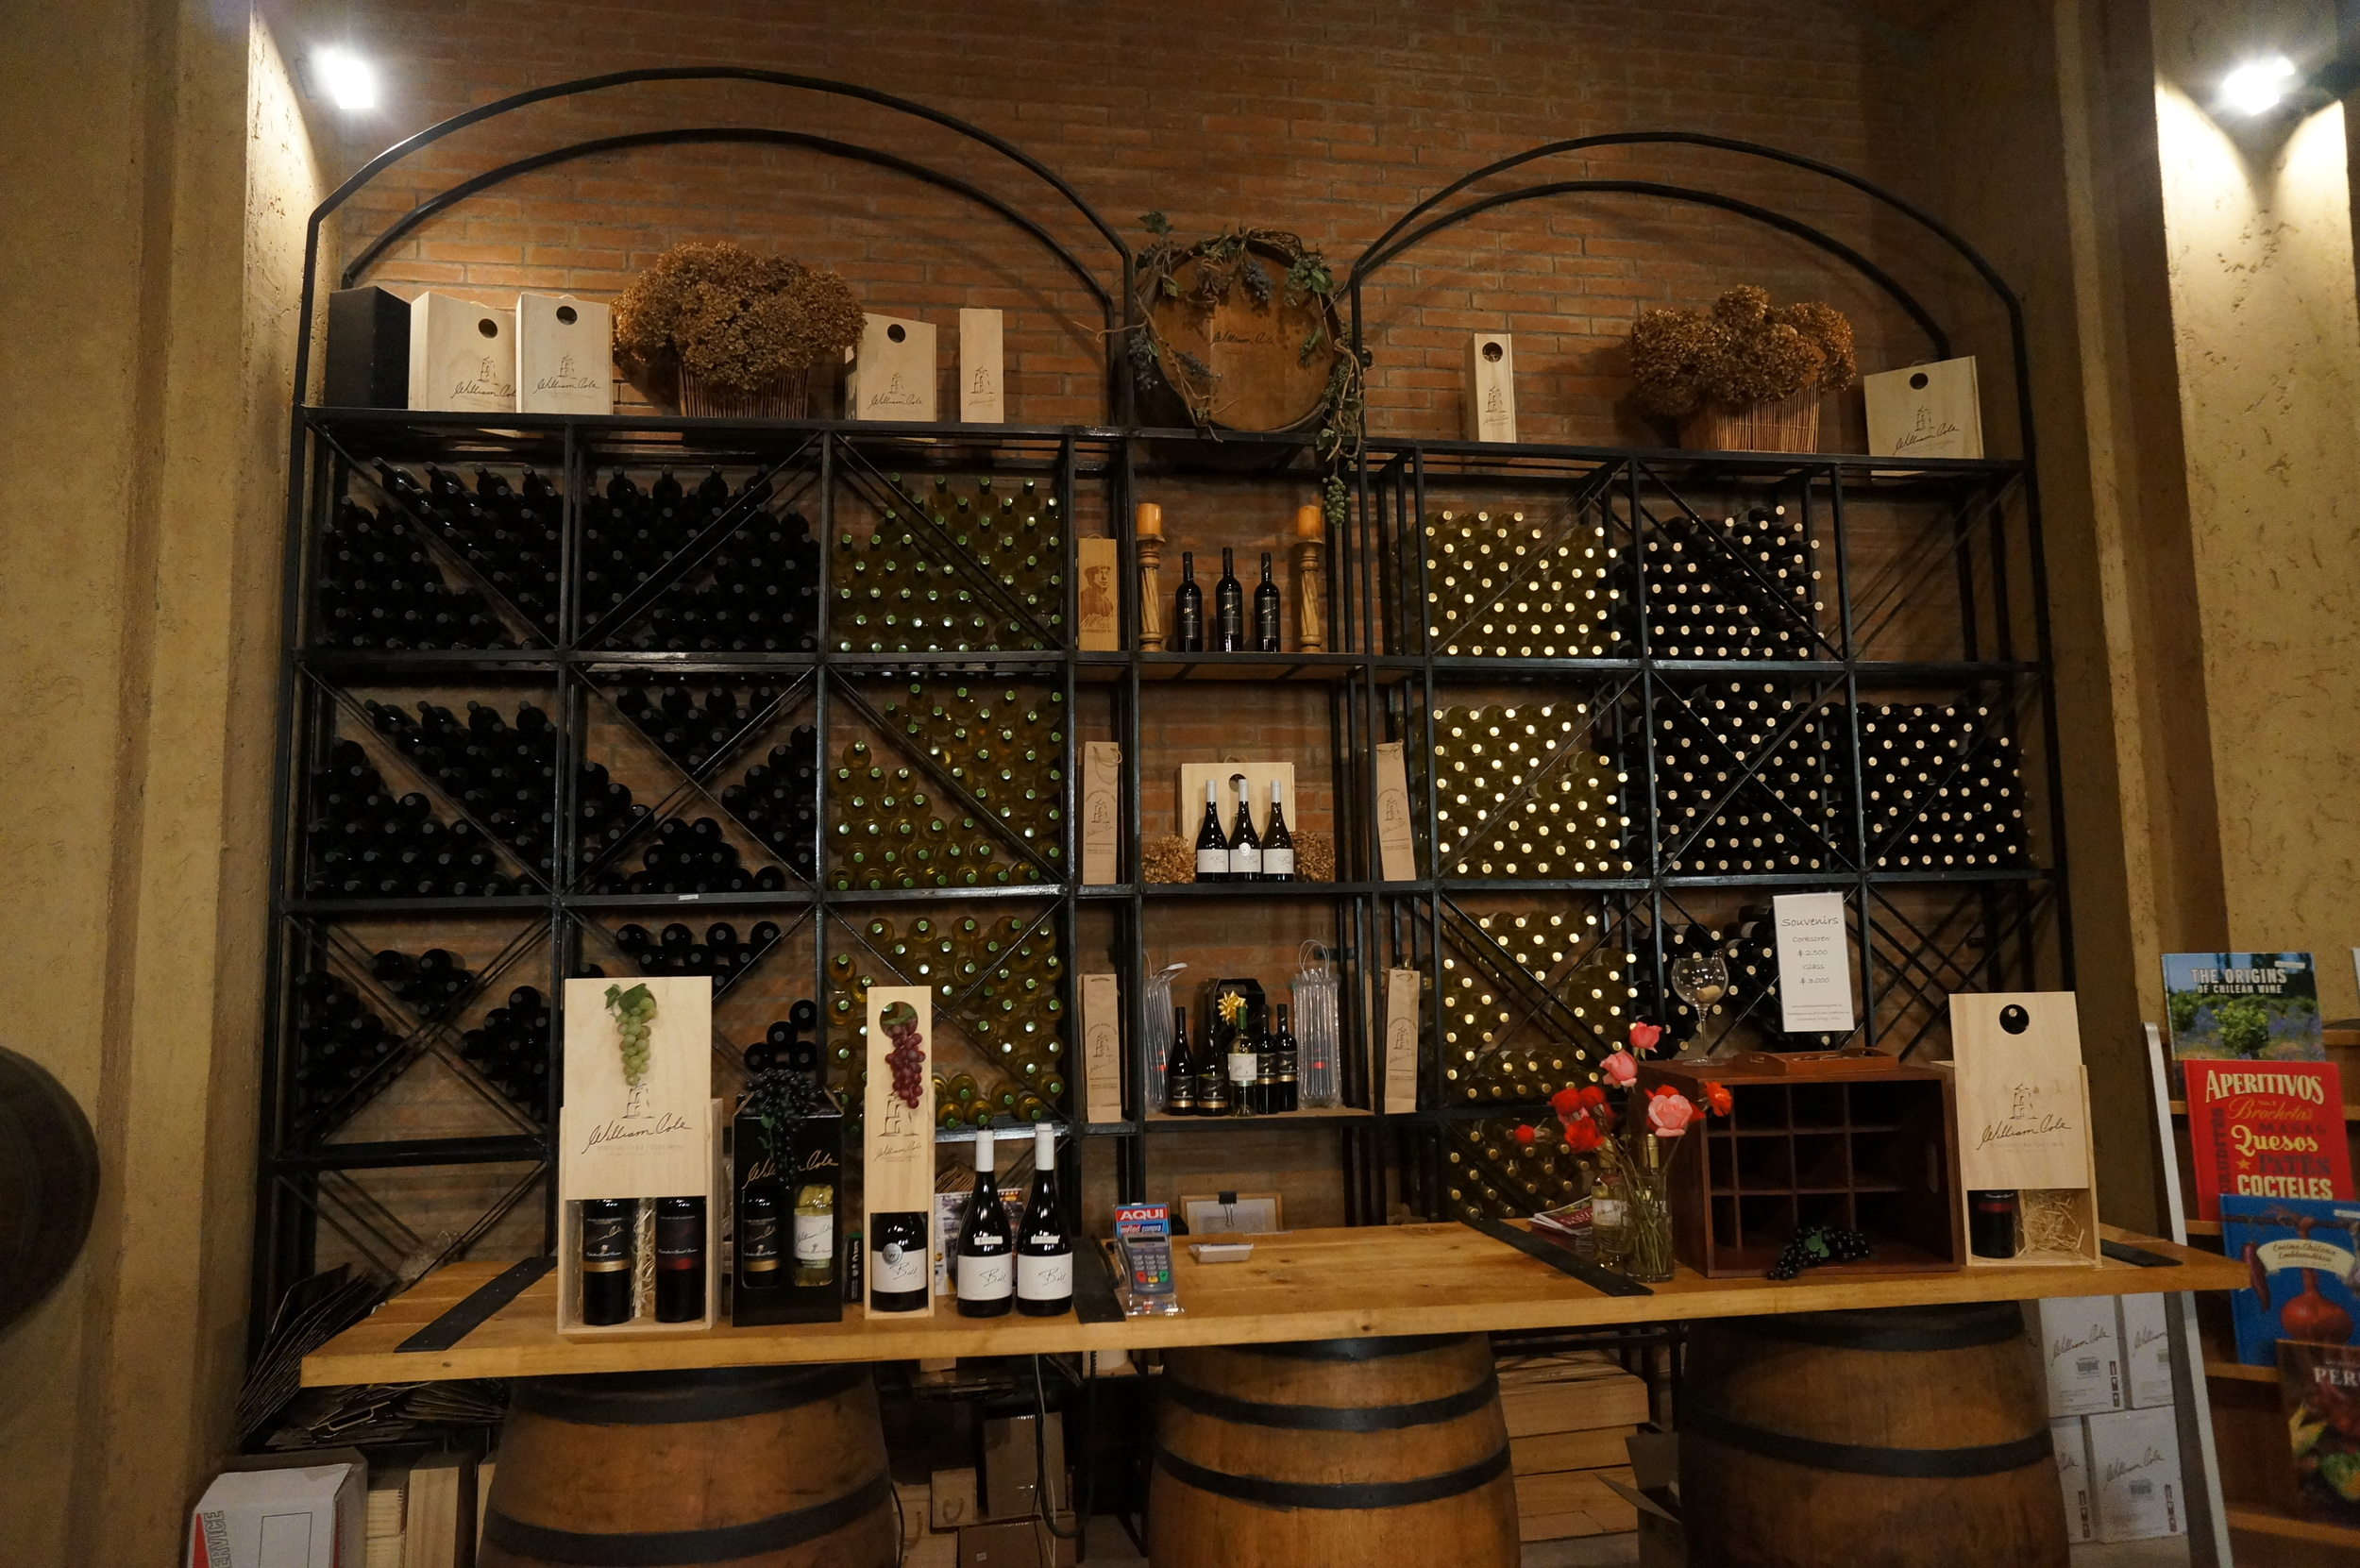 El lugar es muy acogedor e invita a probar los vinos de la bodega.